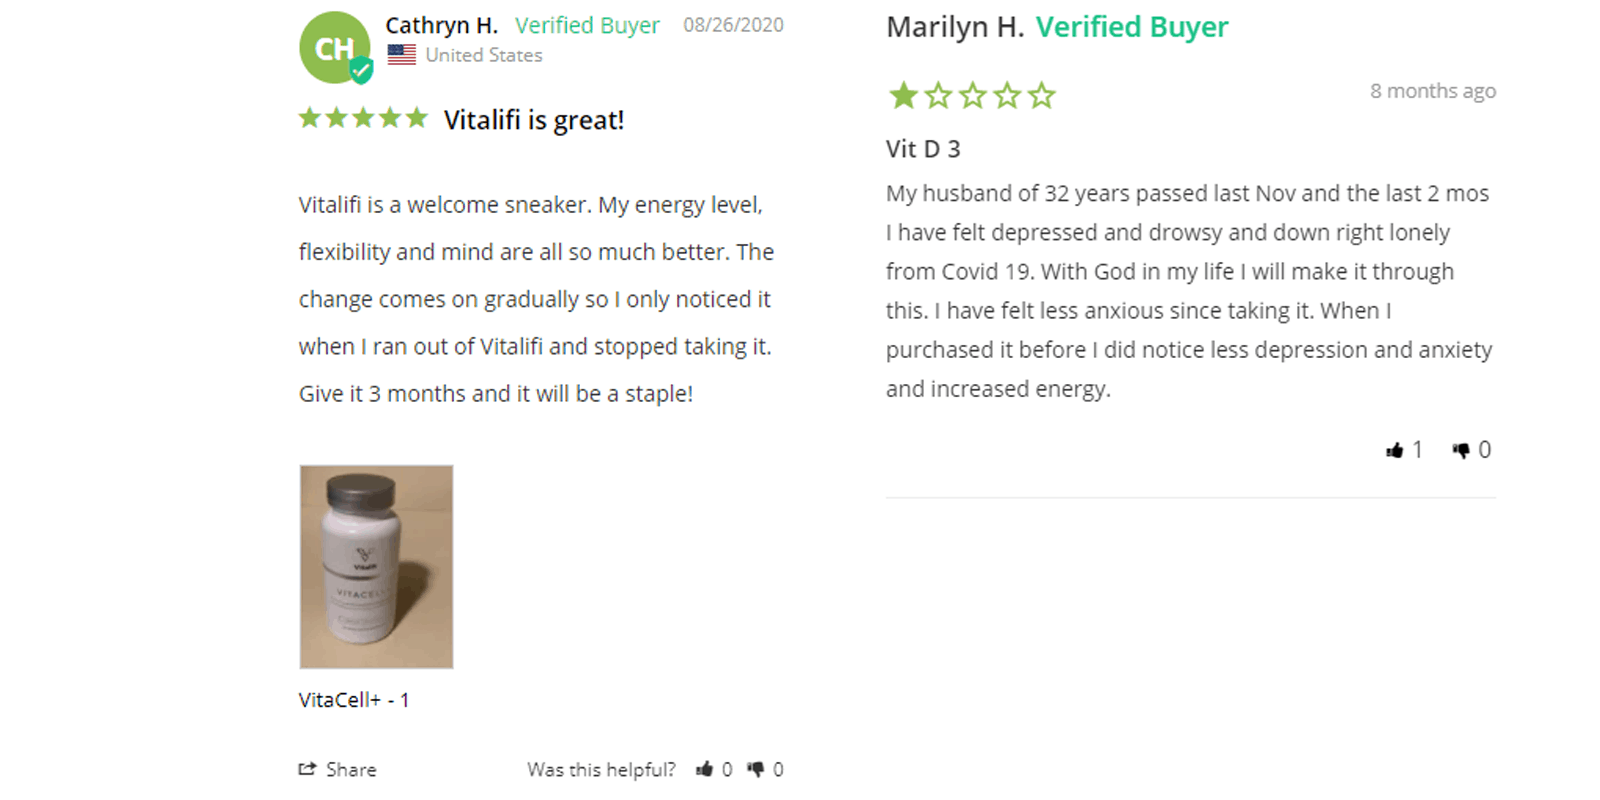 VitaCell + customer reviews